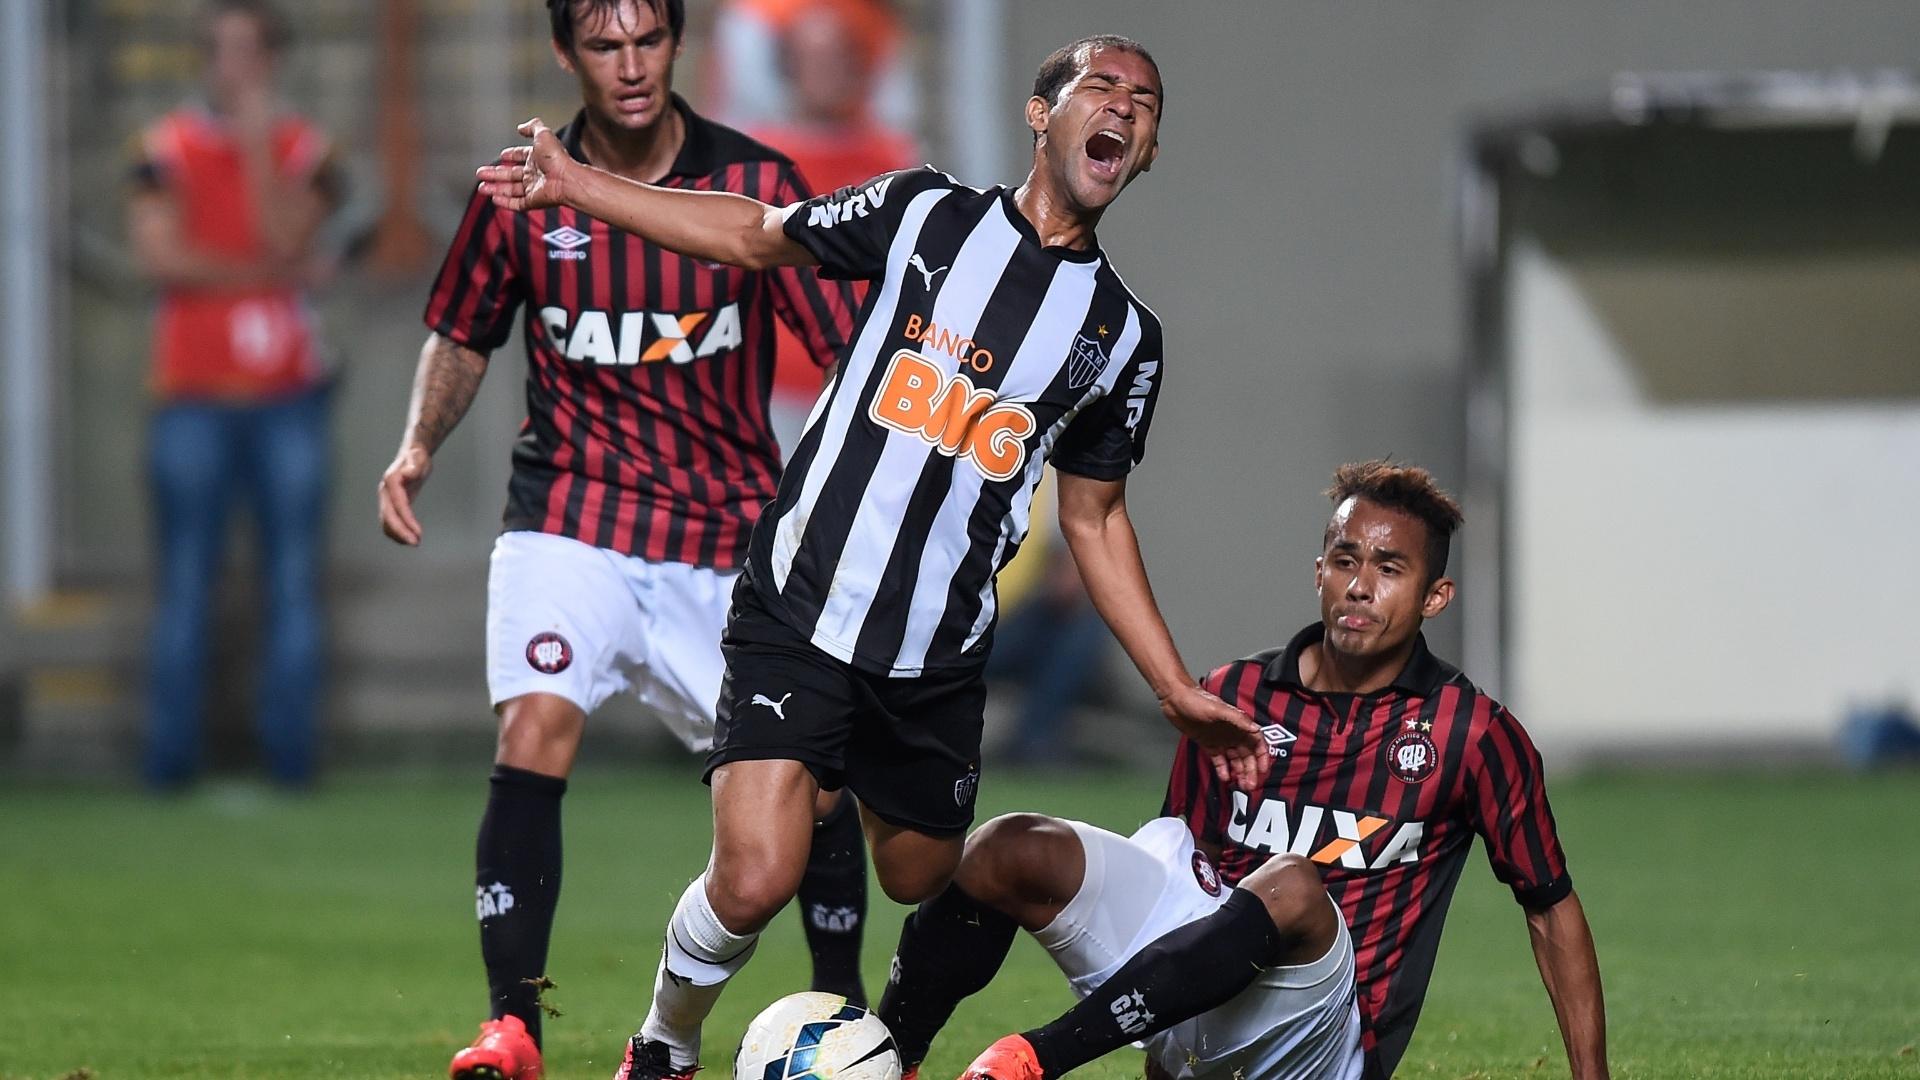 Pierre é derrubado por marcador do Atlético-PR em jogo do Atlético-MG